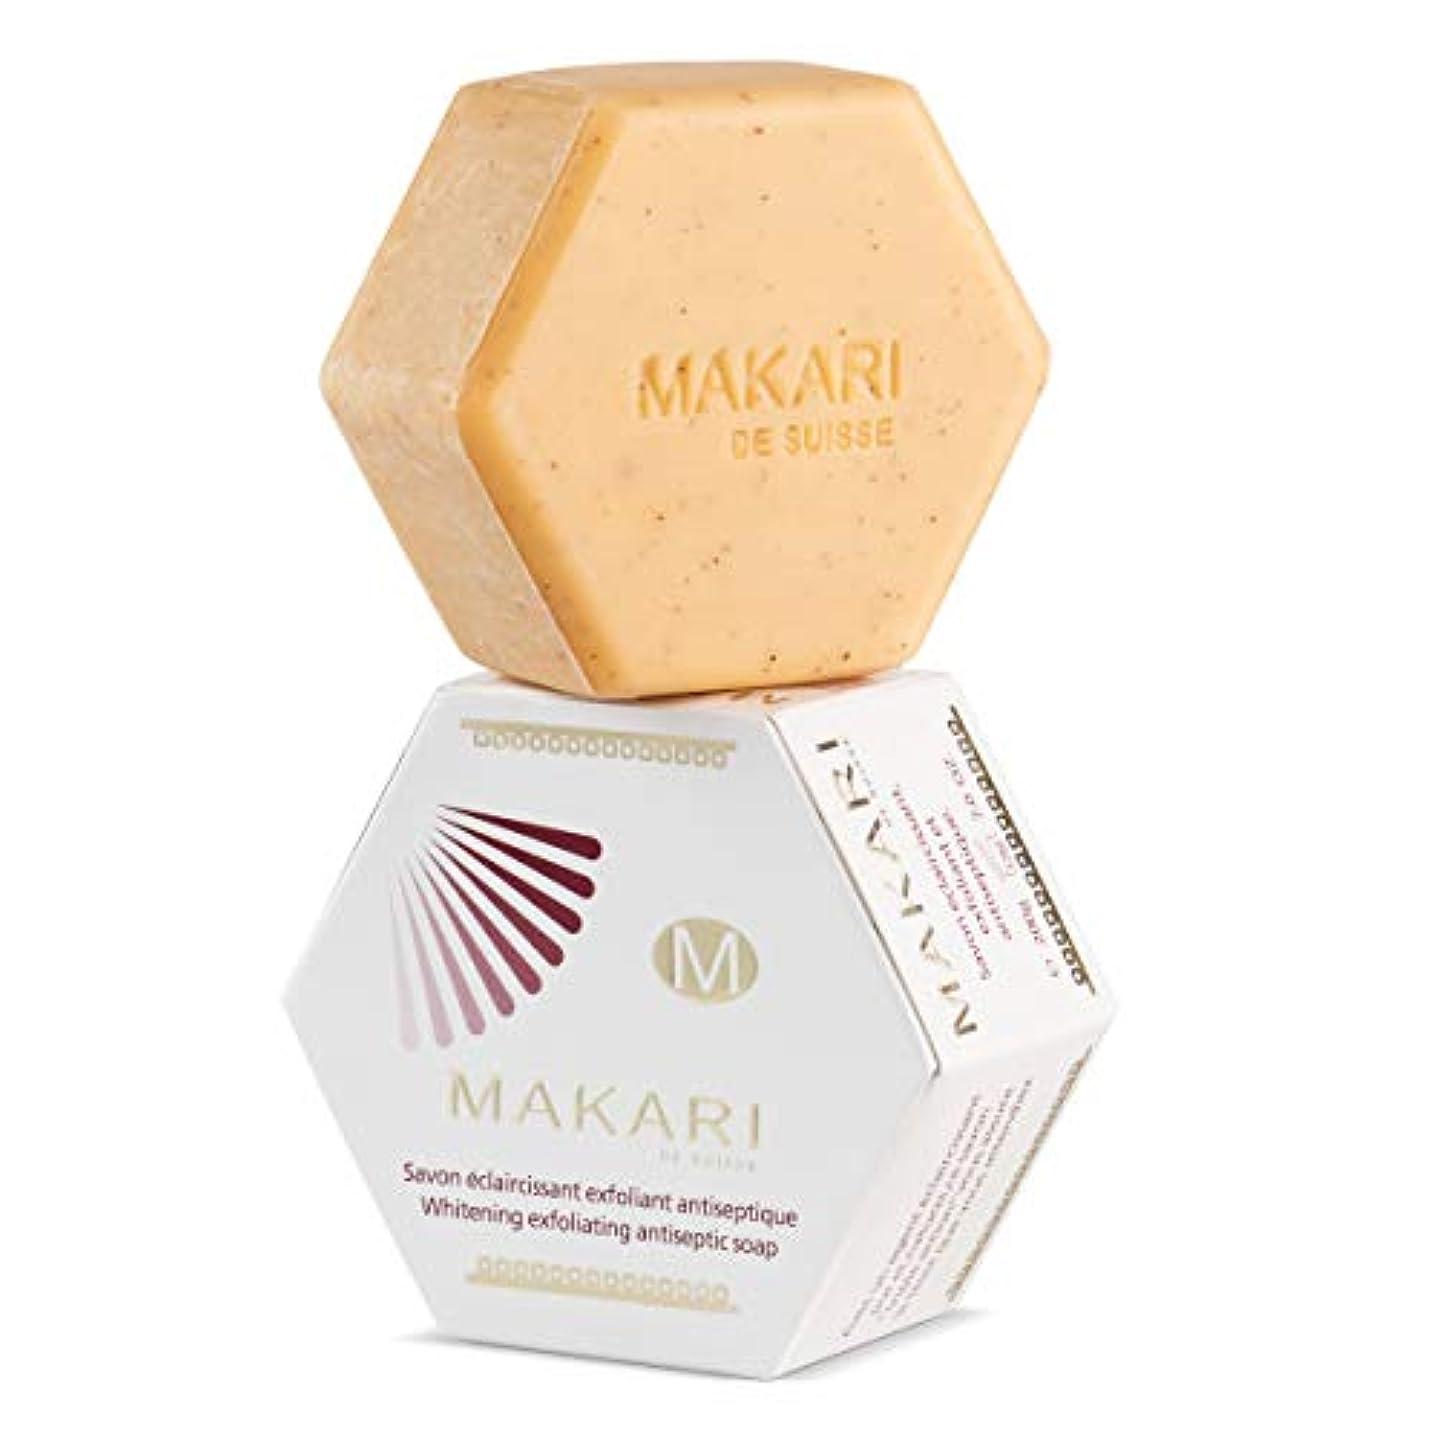 有望一貫した数値MAKARI Classic Whitening Exfoliating Antiseptic Soap 7 Oz.– Cleansing & Moisturizing Bar Soap For Face & Body...